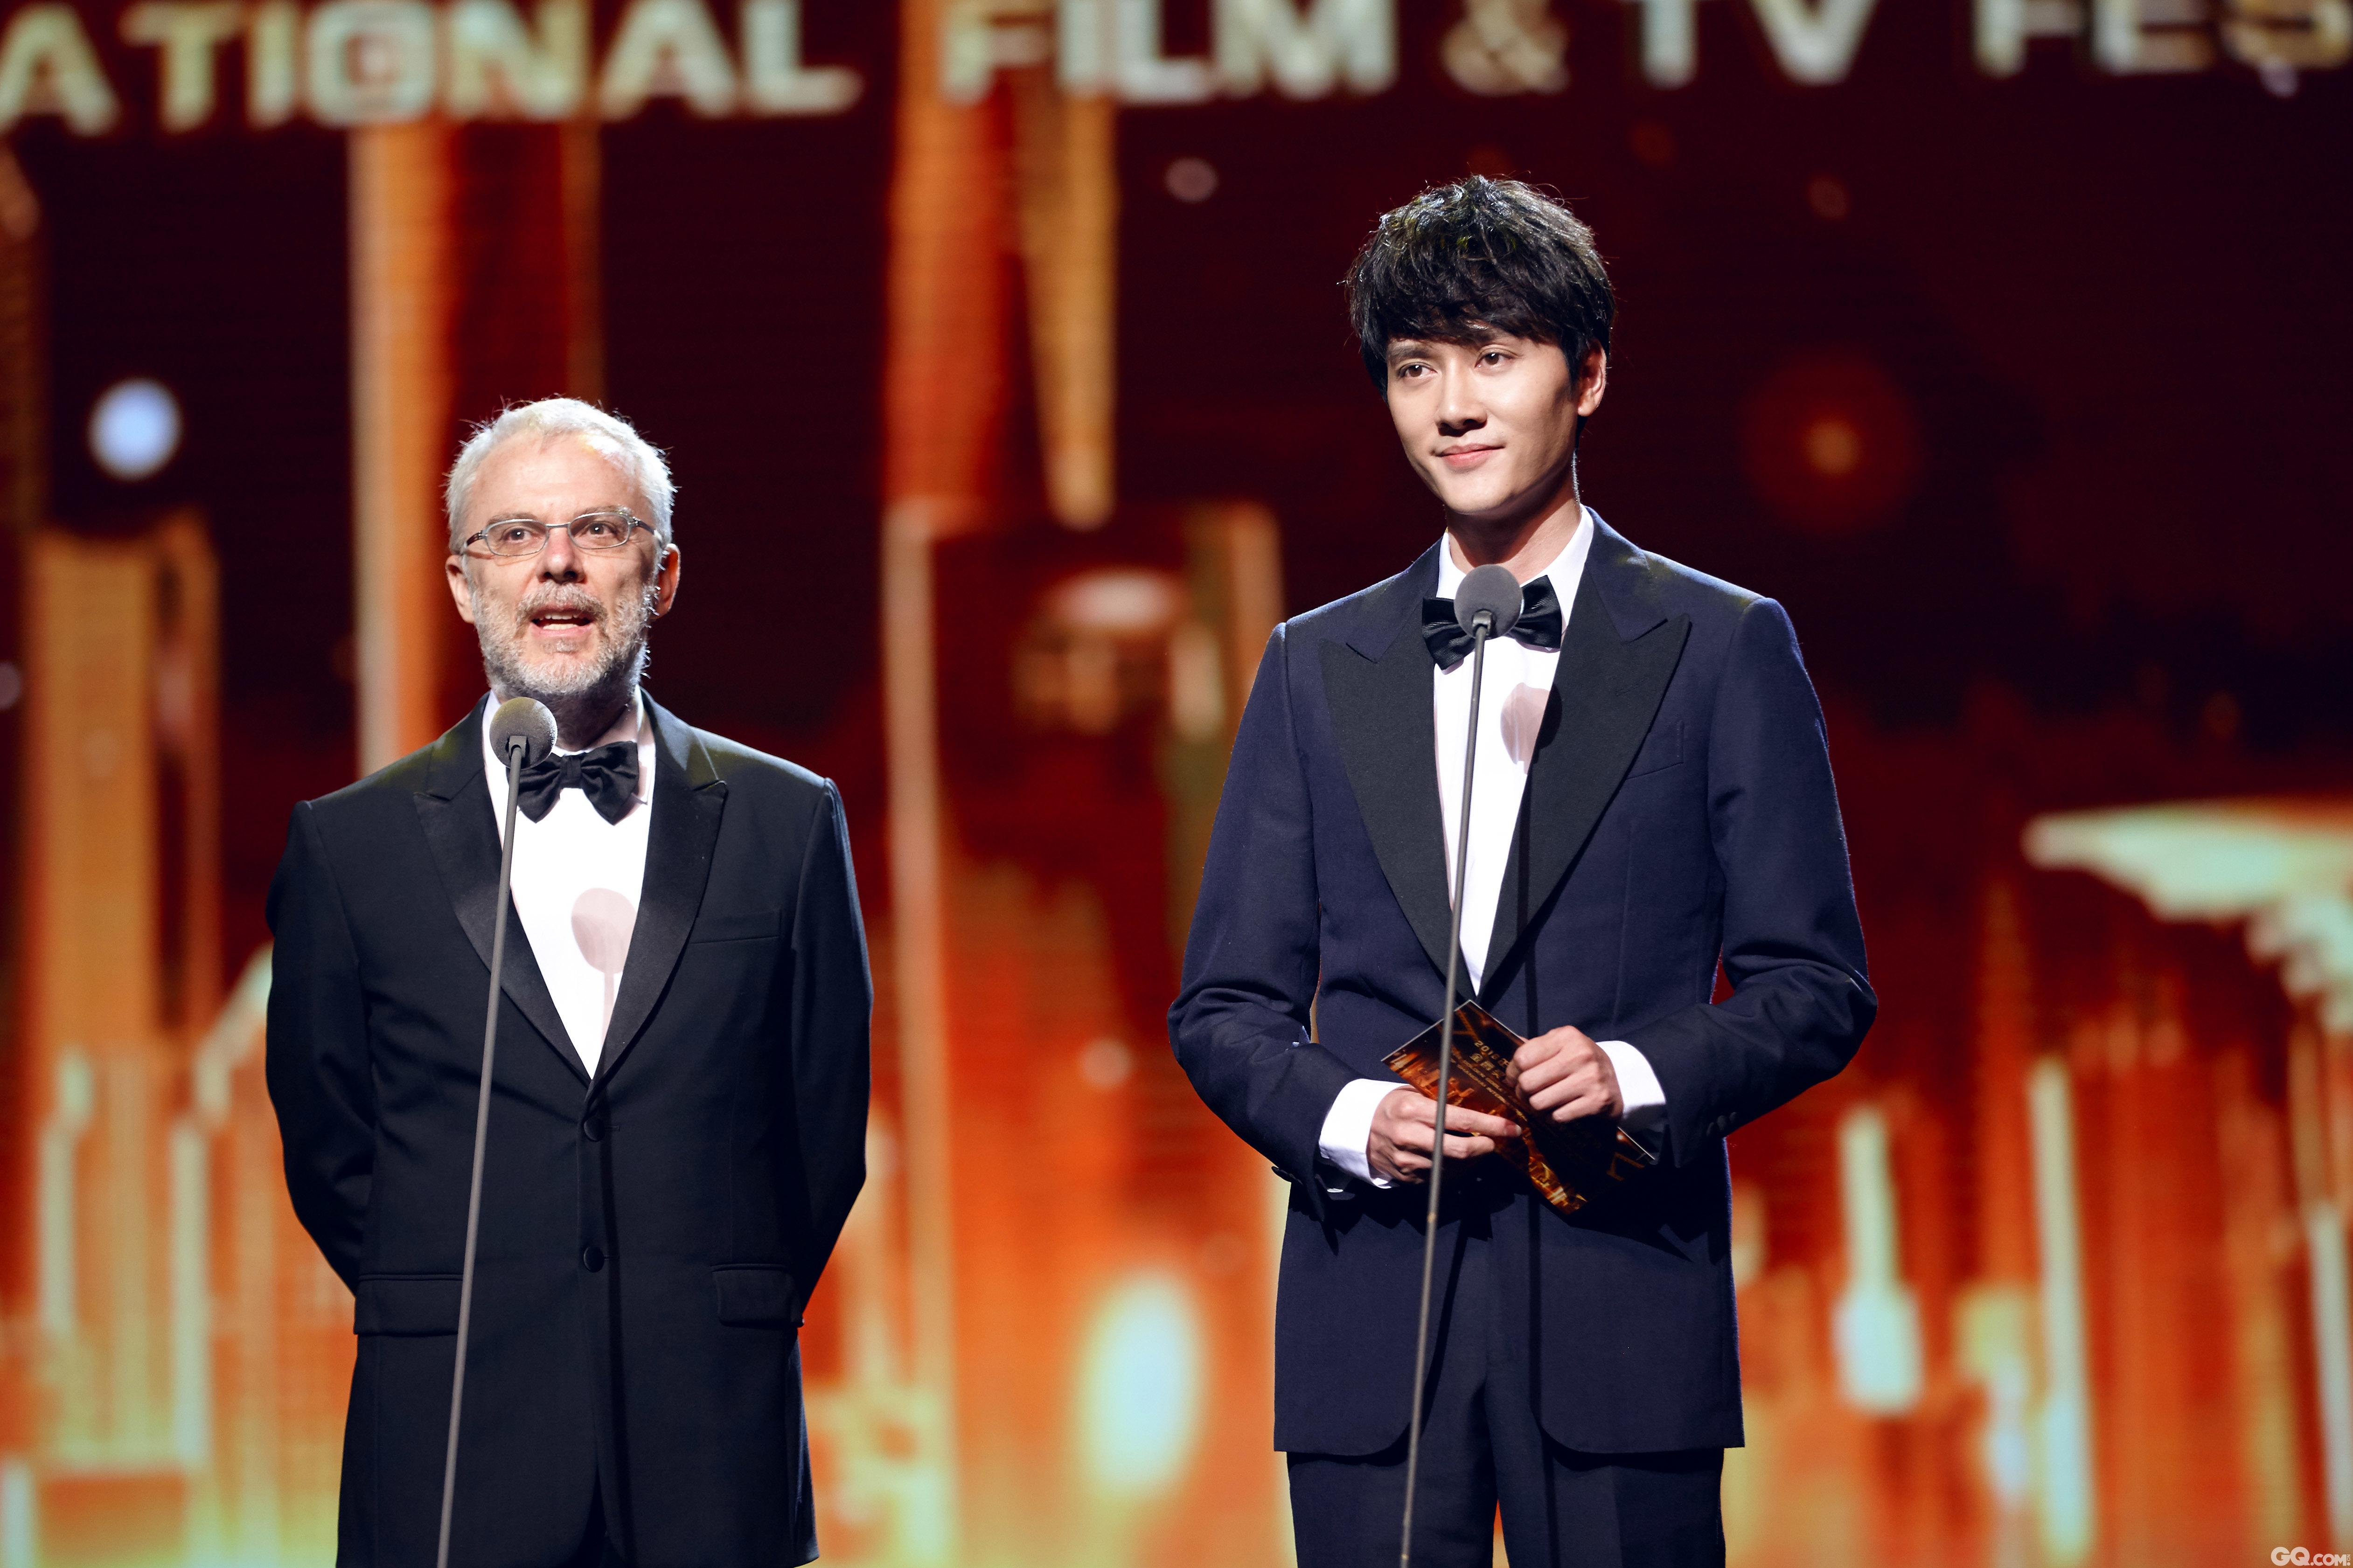 冯绍峰出席上海国际电影节金爵奖颁奖典礼图片